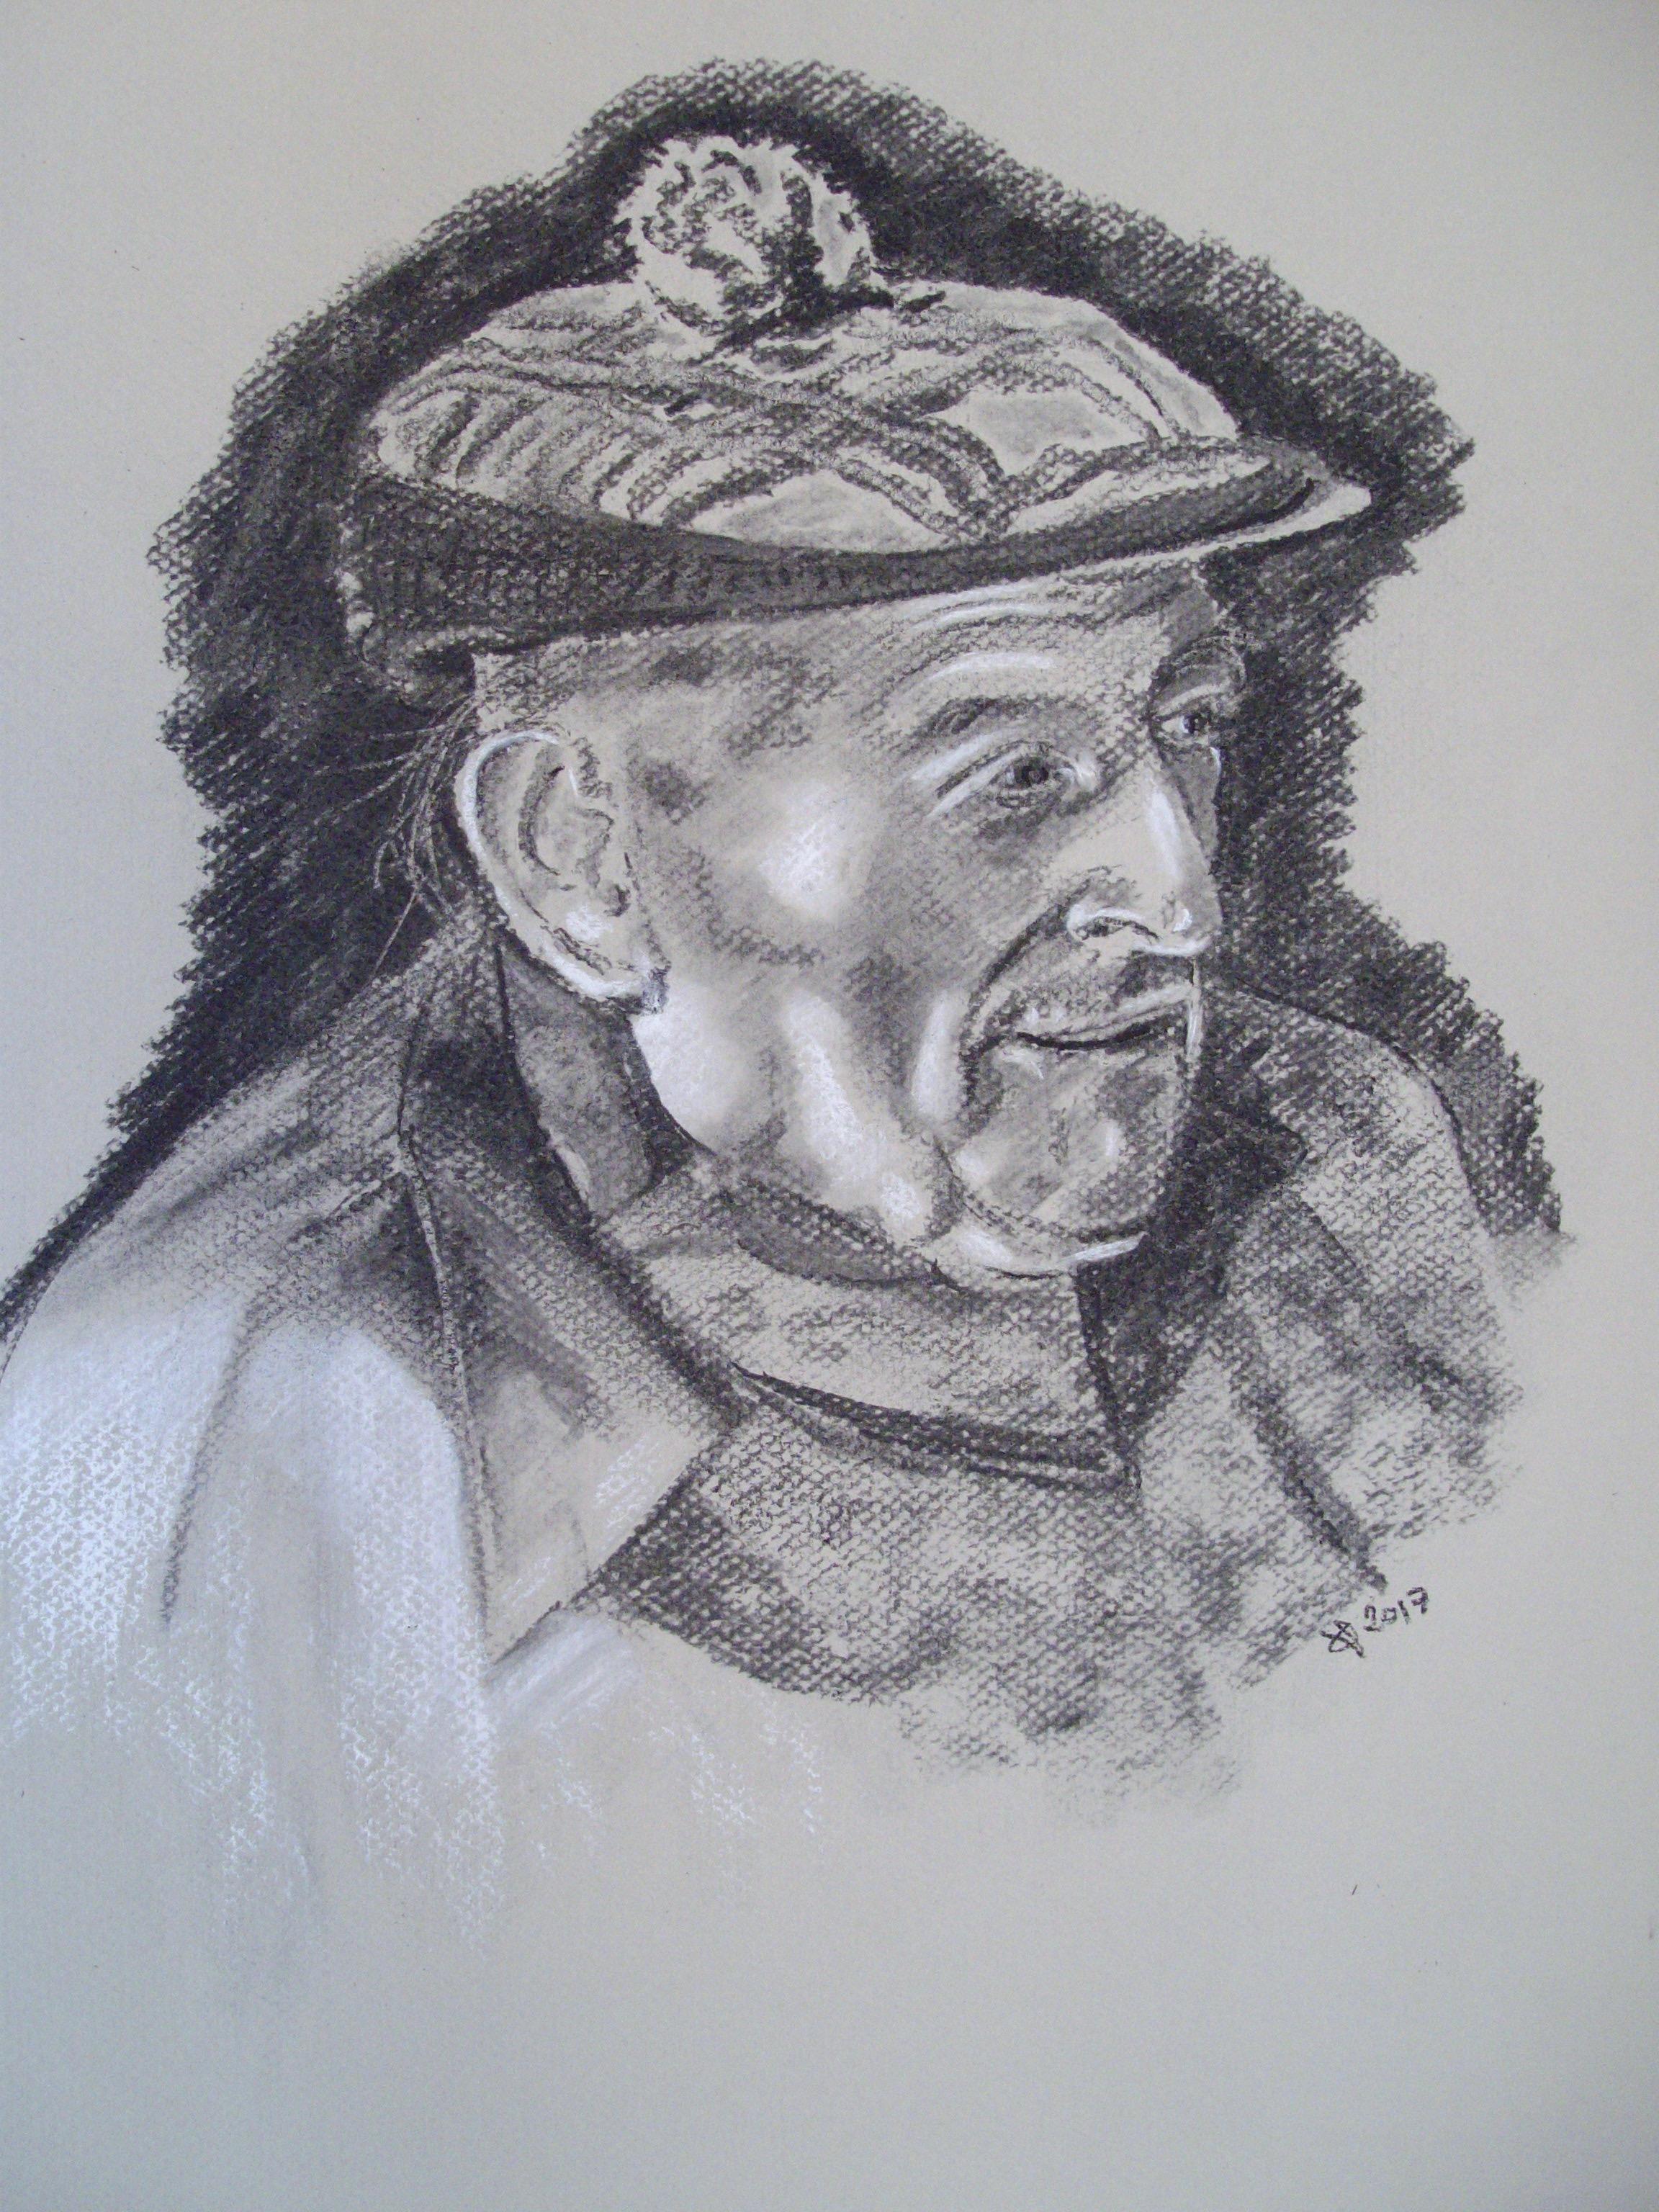 Image of Art Davies drawn by Quentin Verhaegen